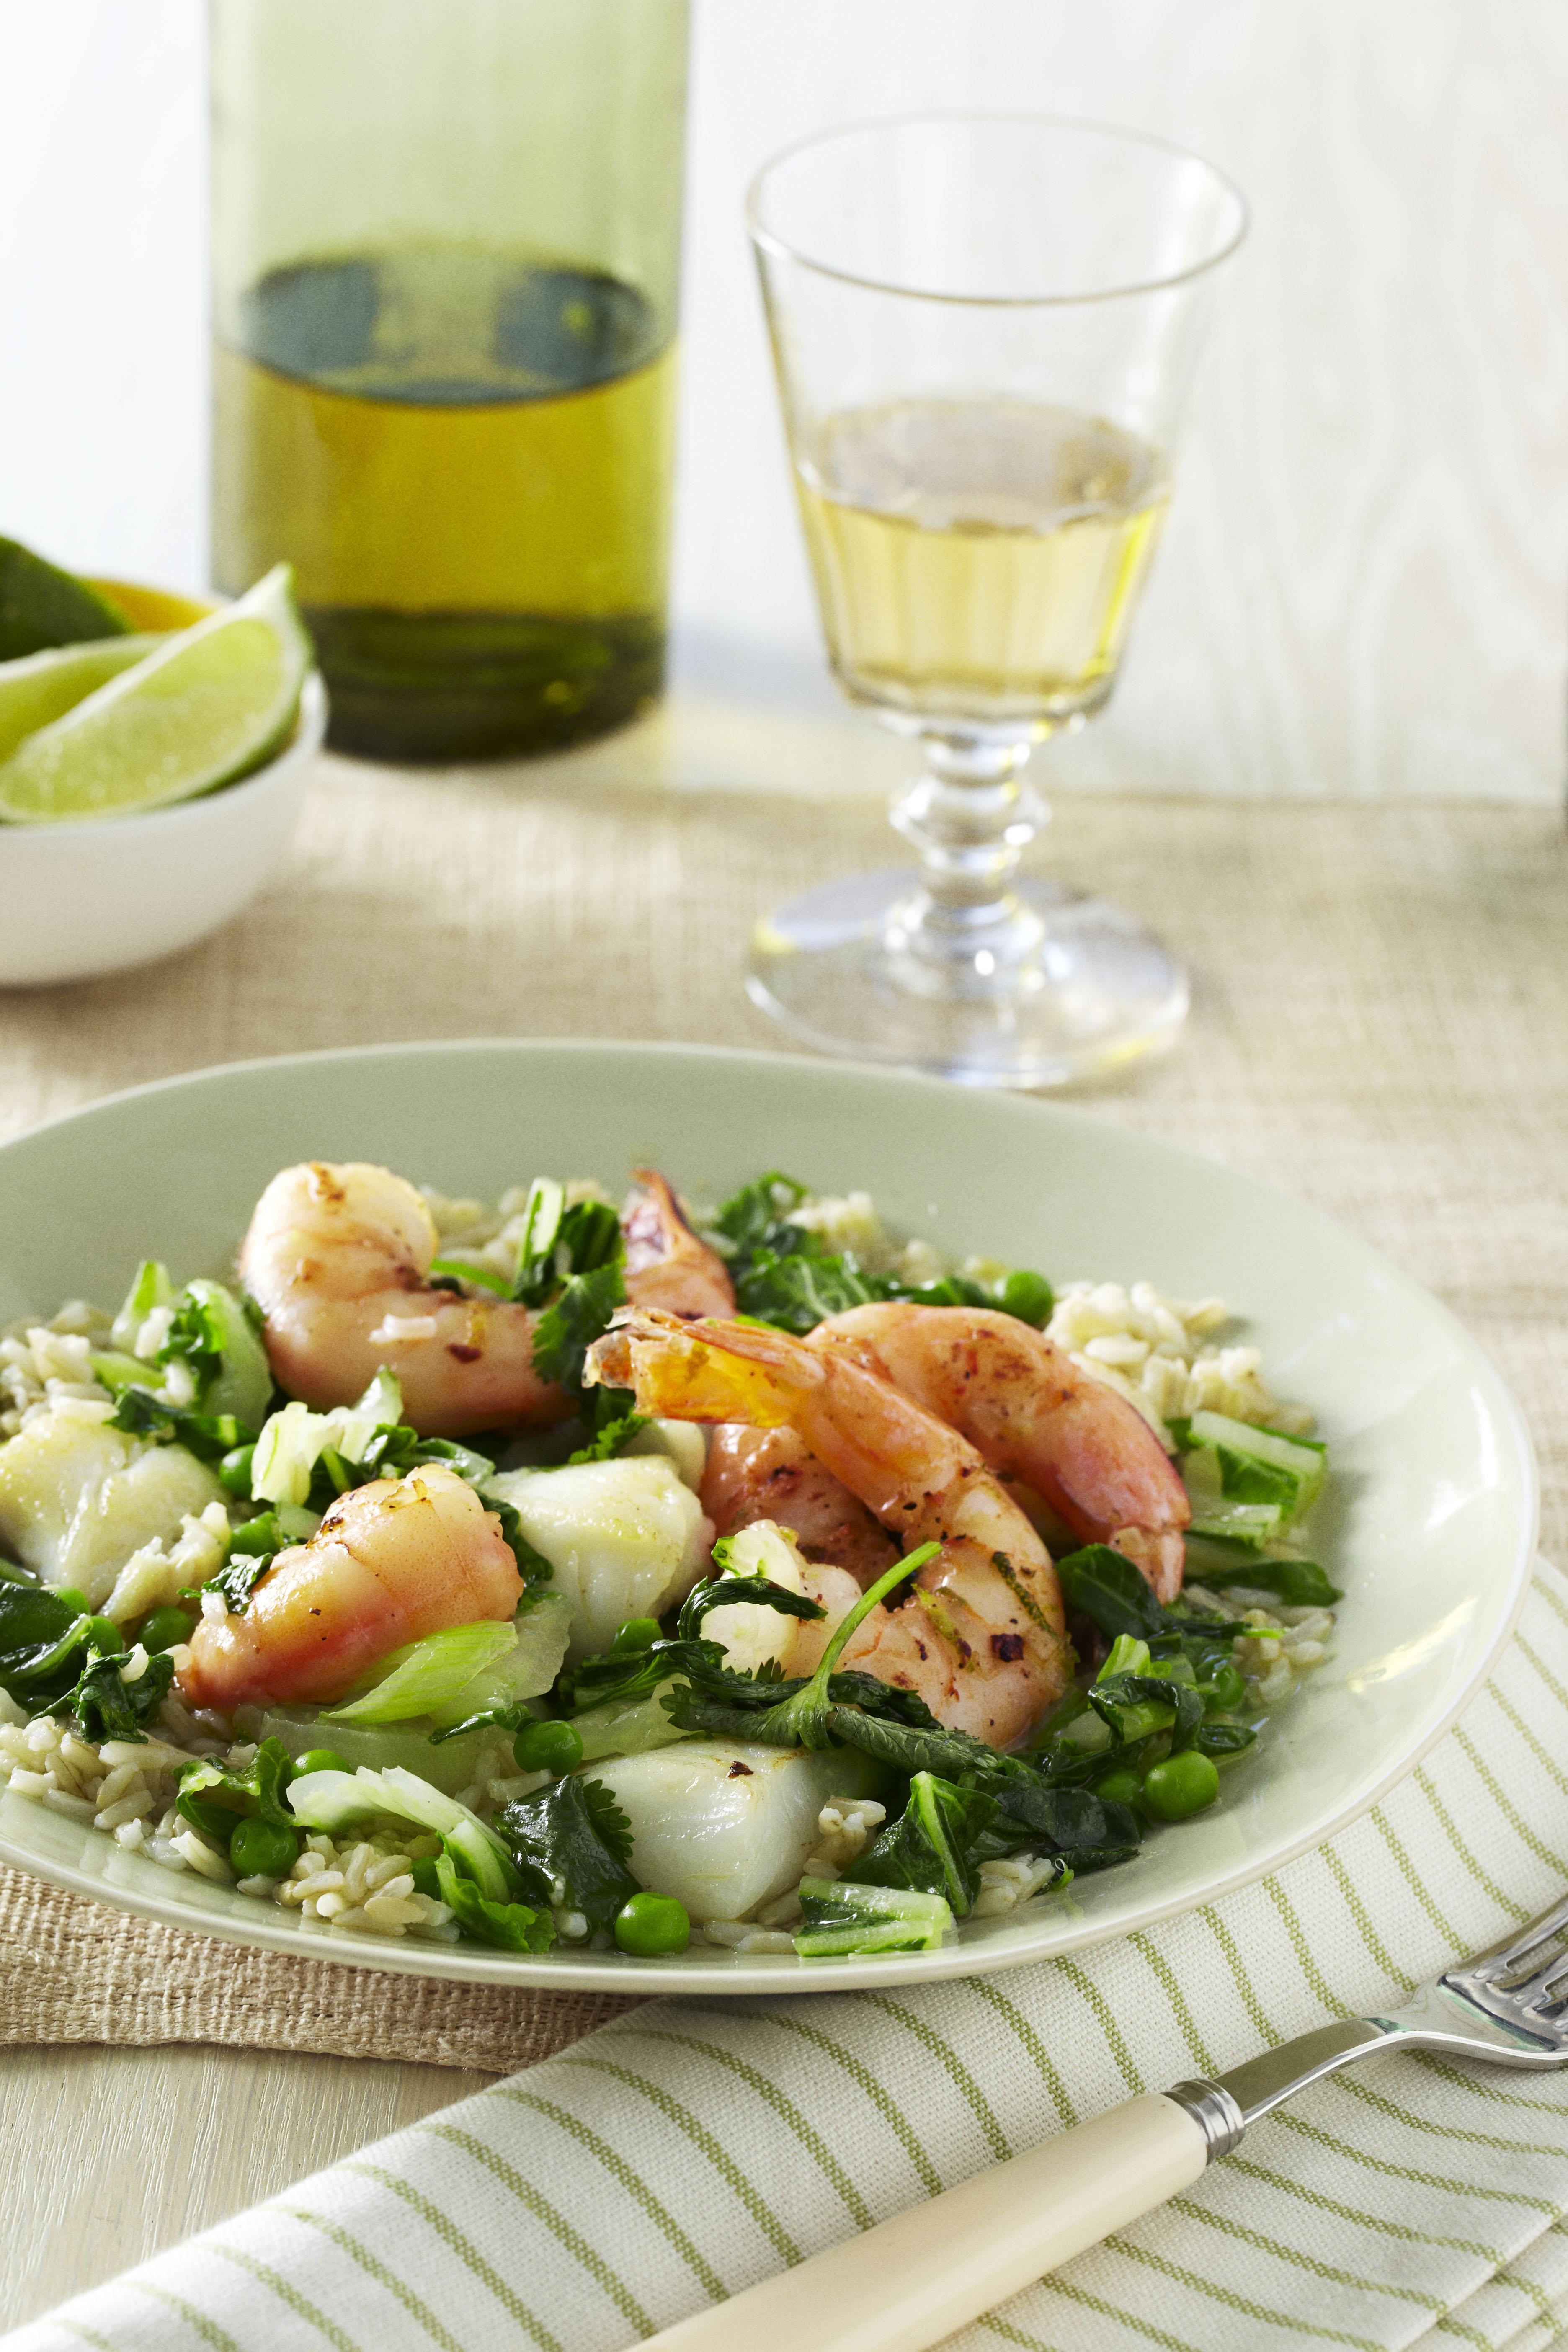 67 Easy Healthy Dinner Ideas